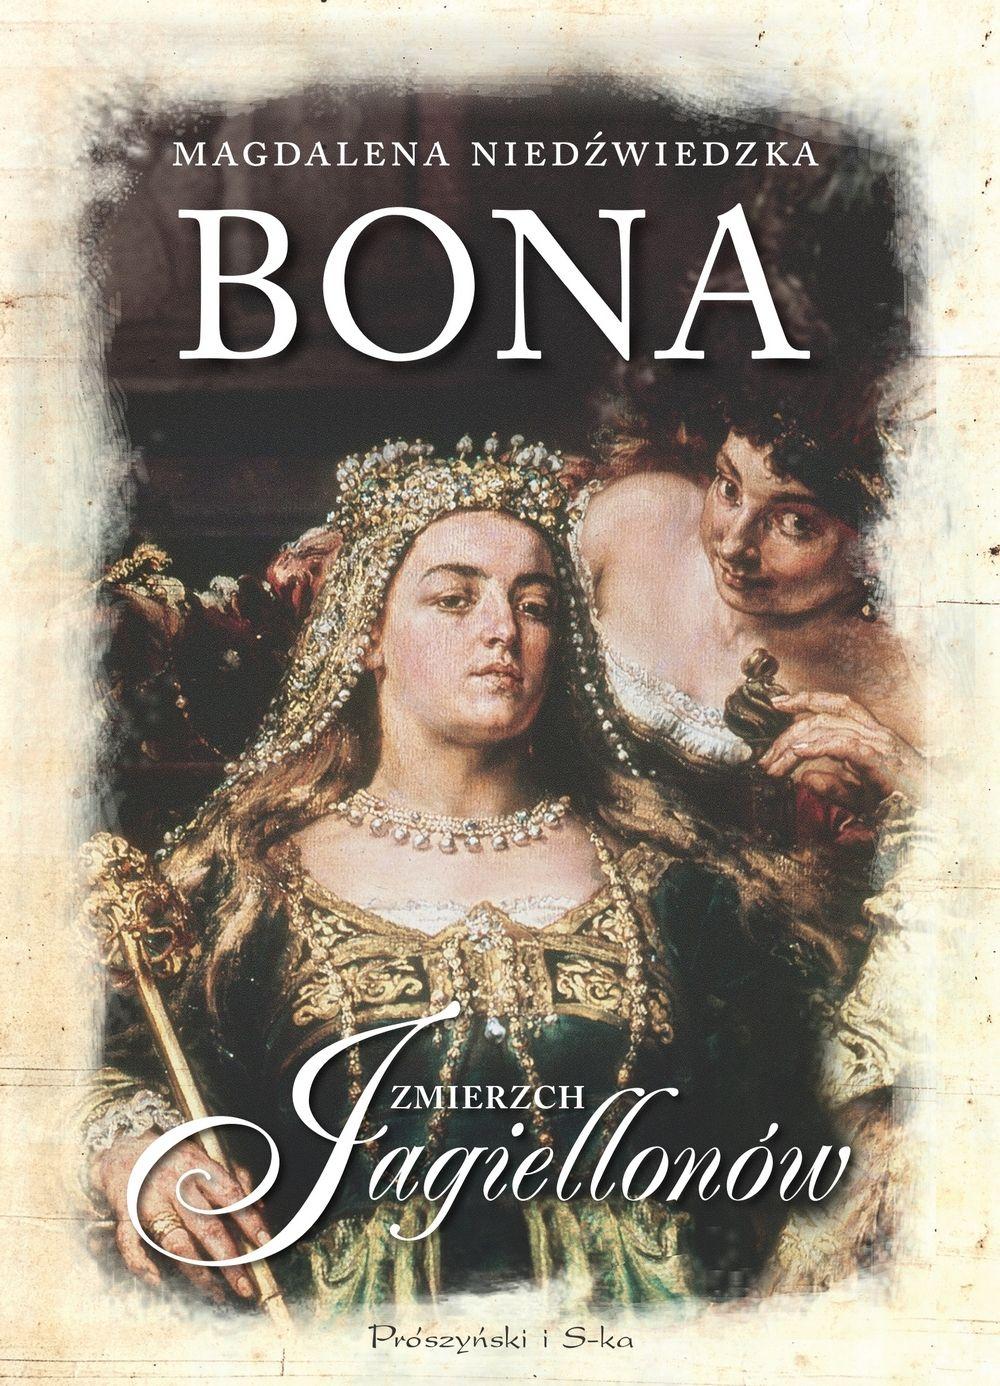 """Powstanie artykułu zainspirowała biograficzna powieść Magdaleny Niedźwiedzkiej pod tytułem """"Bona"""" (Prószyński Media 2018)."""